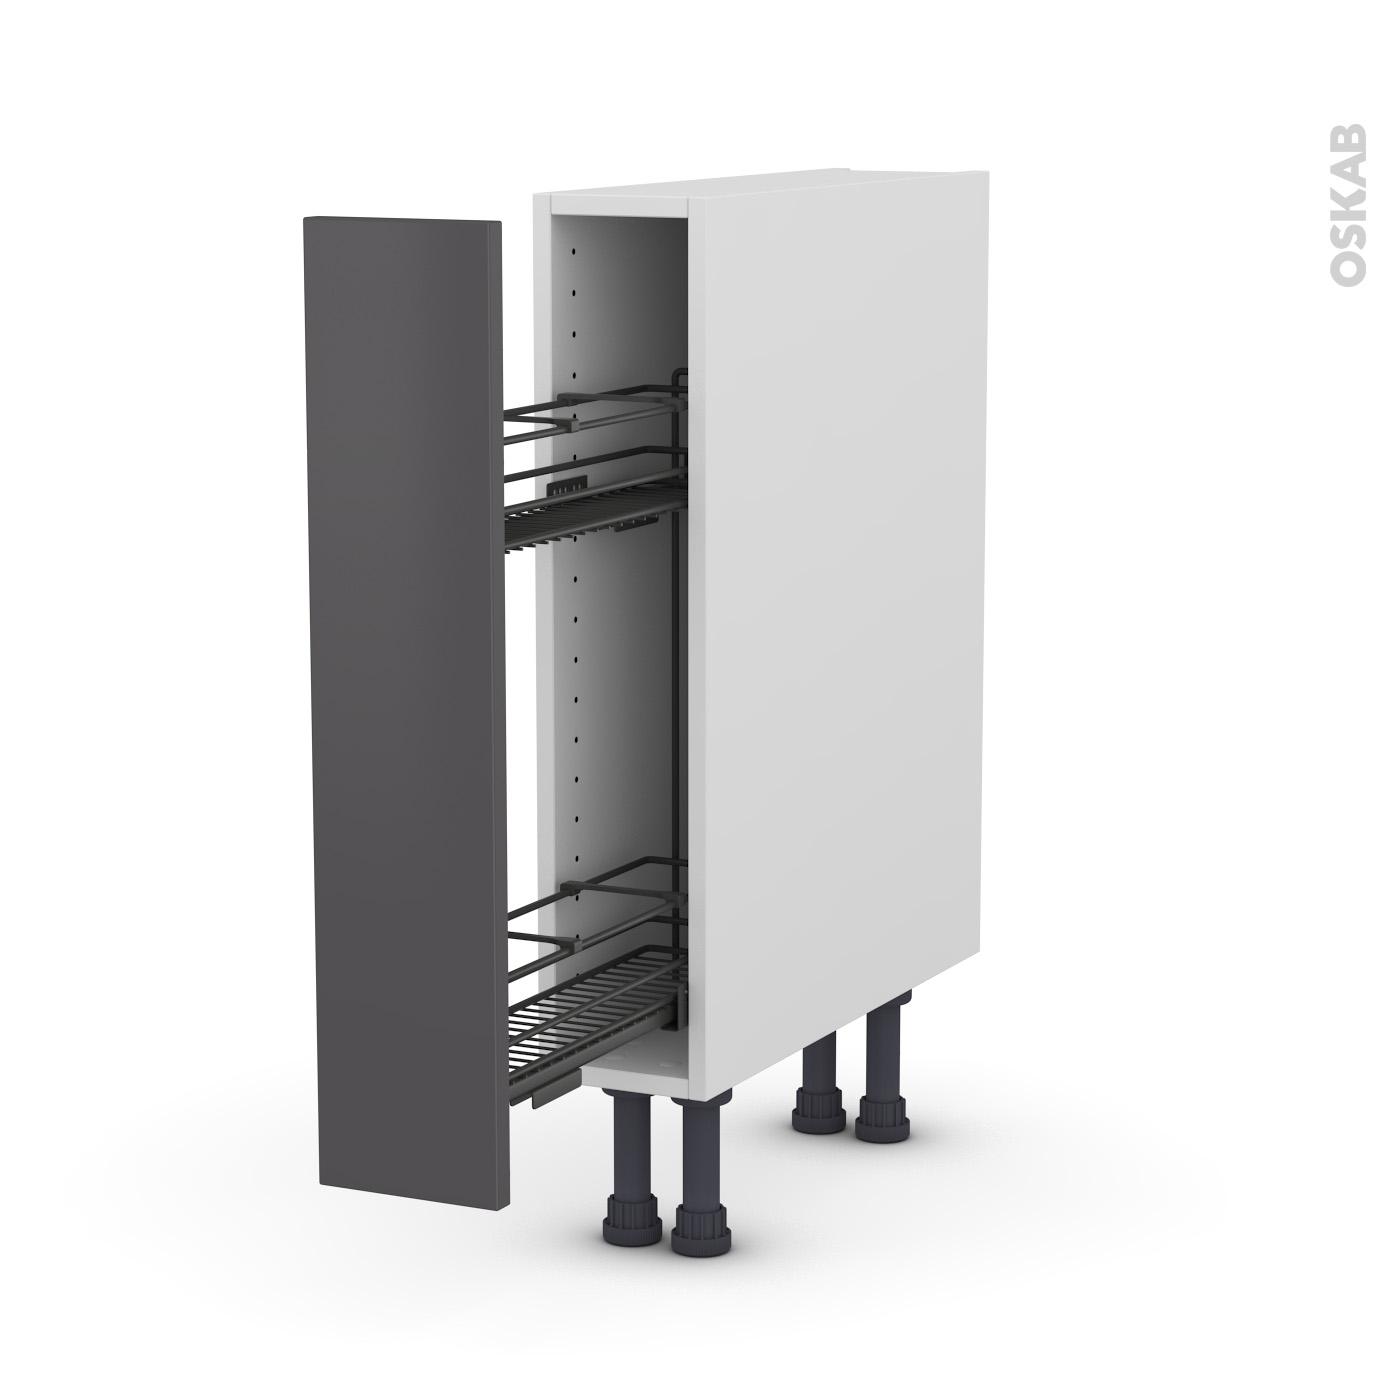 Meuble de cuisine Range épice epoxy GINKO Gris, 13 porte, L135 x H13 x P13 cm